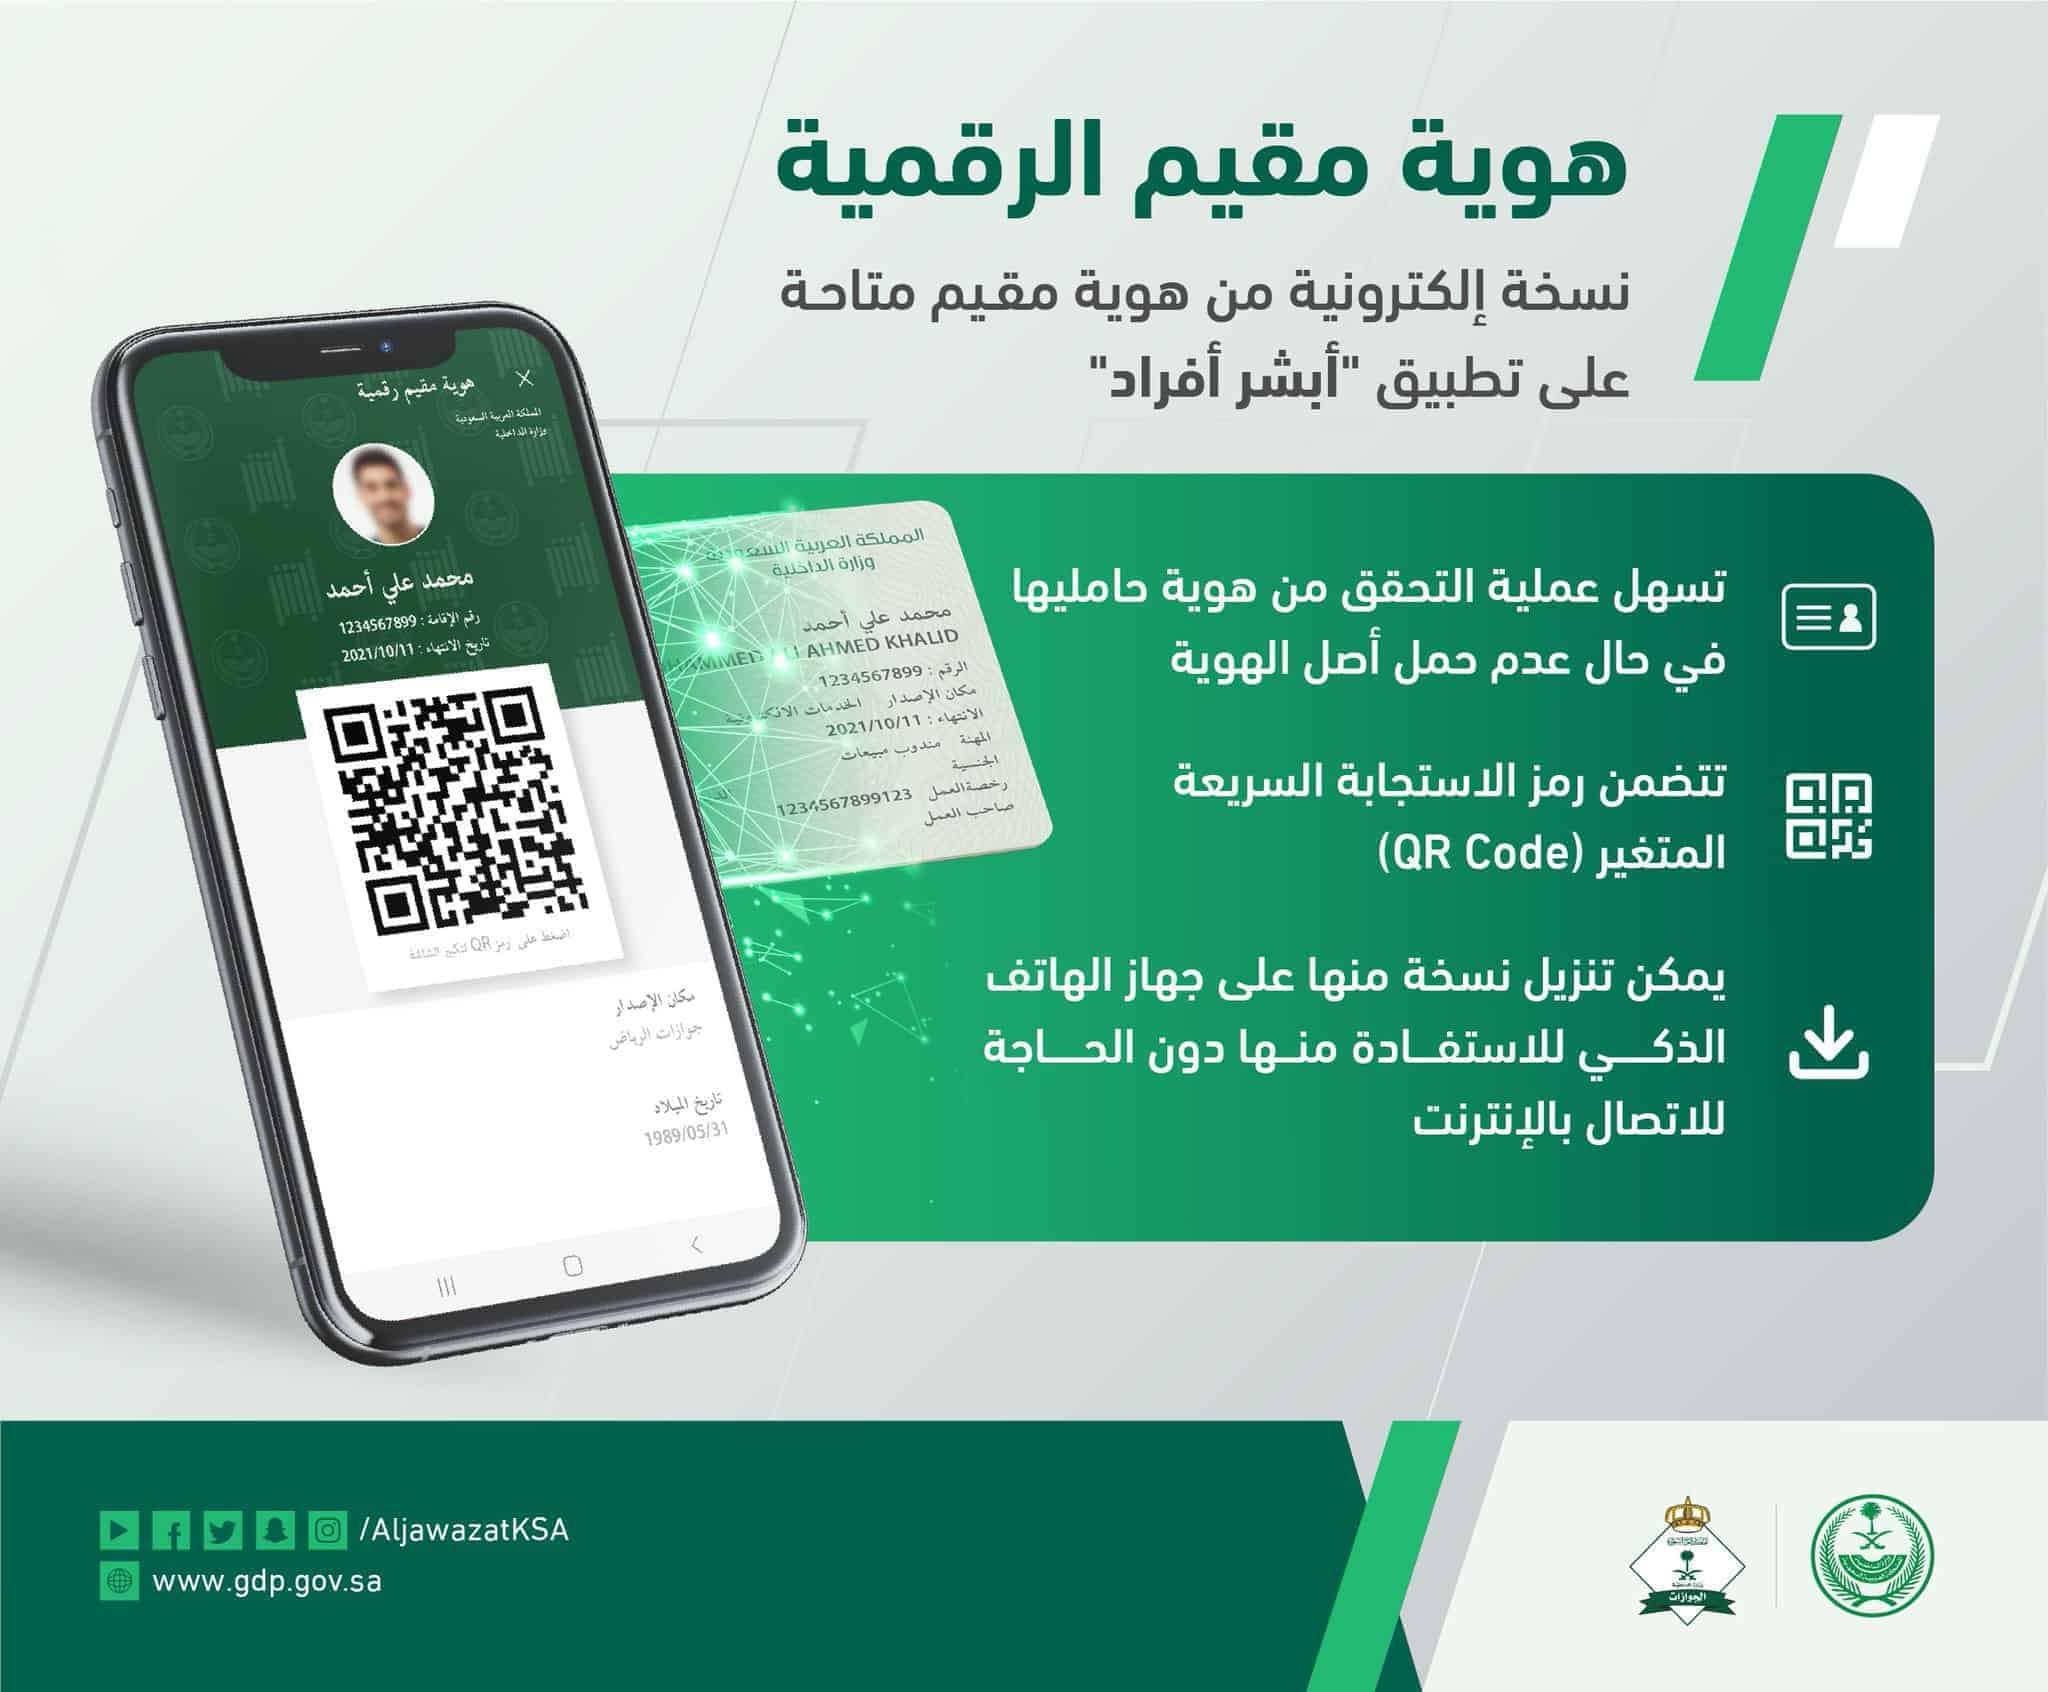 خطوات تفعيل الهوية الرقمية للمواطنين الكترونيا